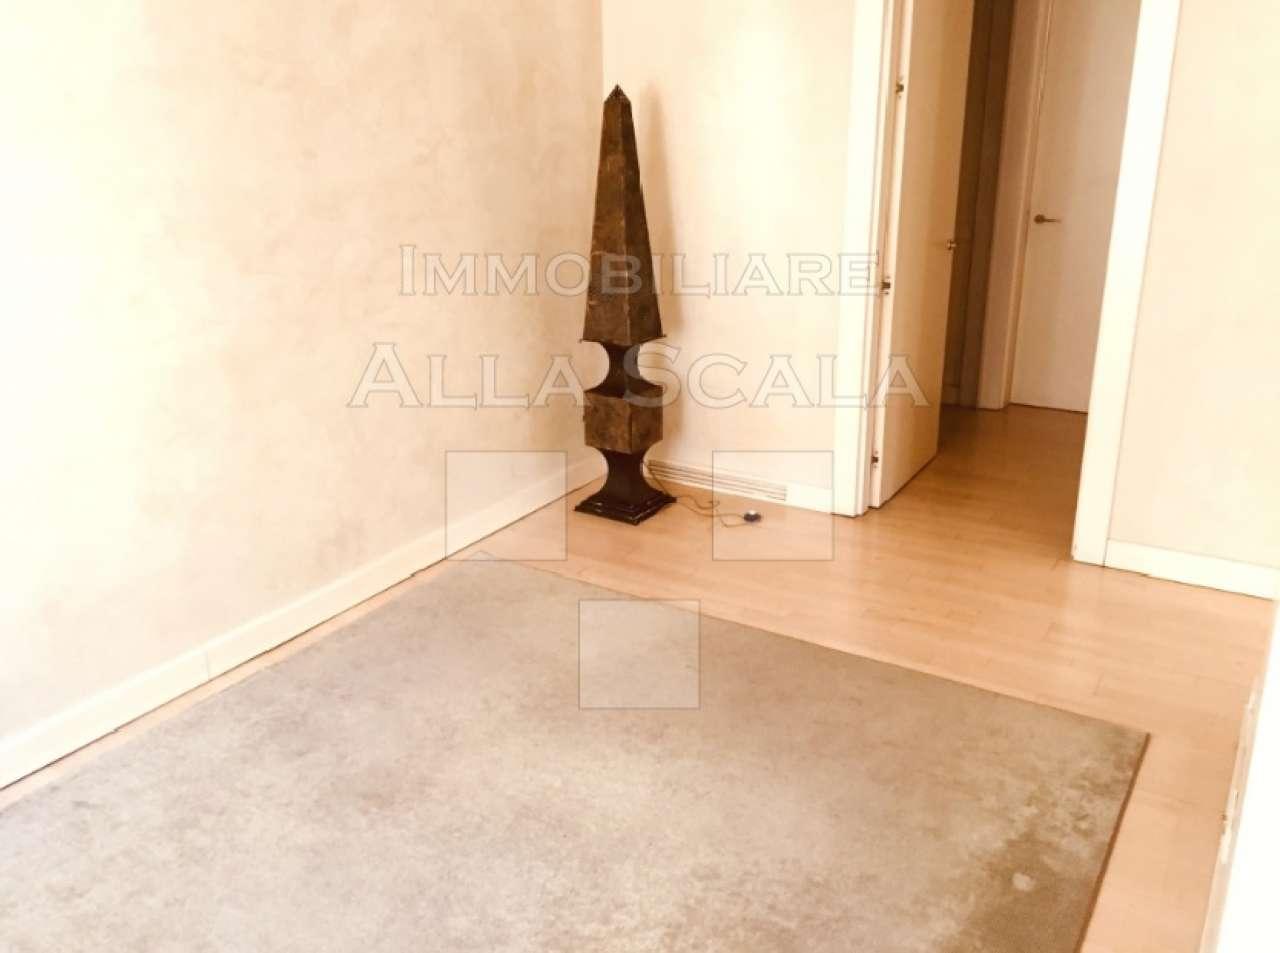 Appartamento in Vendita a Milano: 5 locali, 340 mq - Foto 4